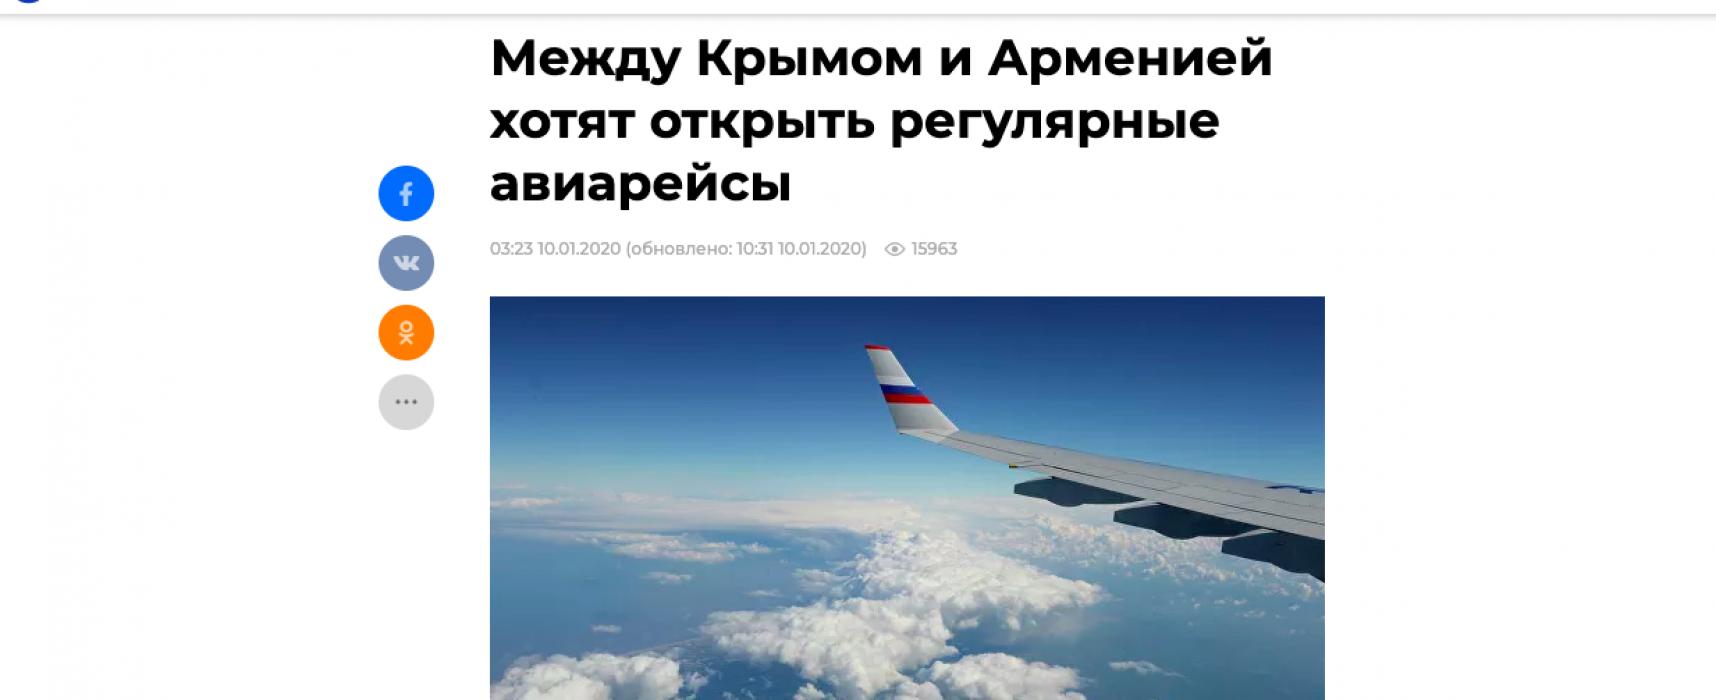 Fake: Direktflüge zwischen Armenien und Krim werden wieder aufgenommen